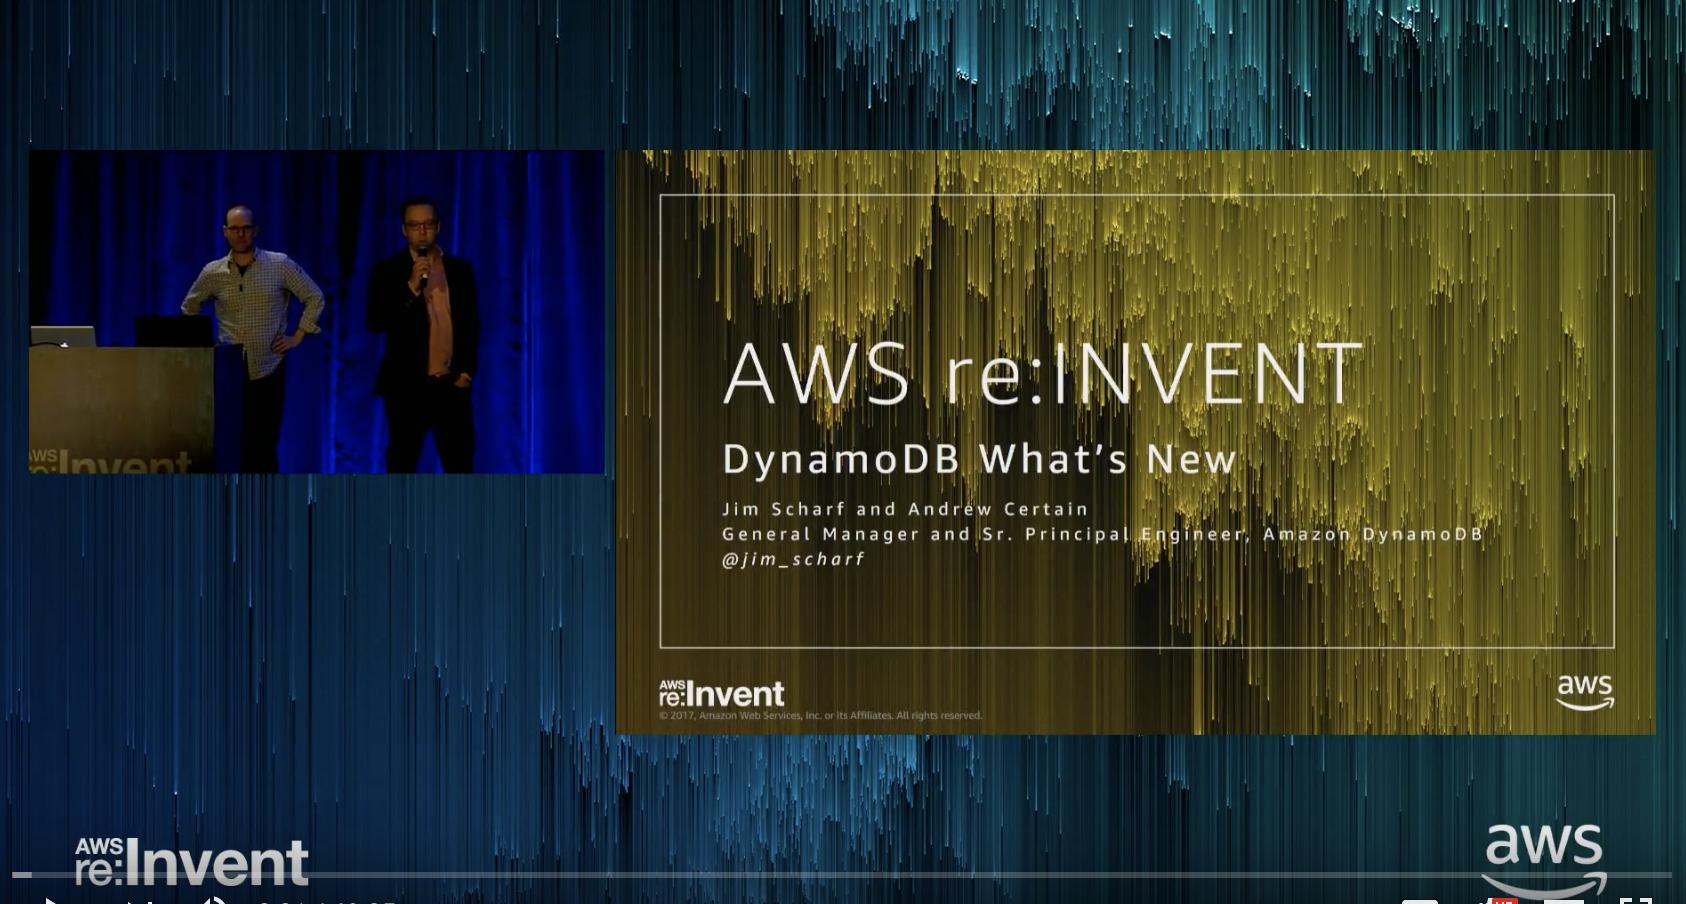 Amazon DynamoDB Backup & Restore - Simple, fully managed